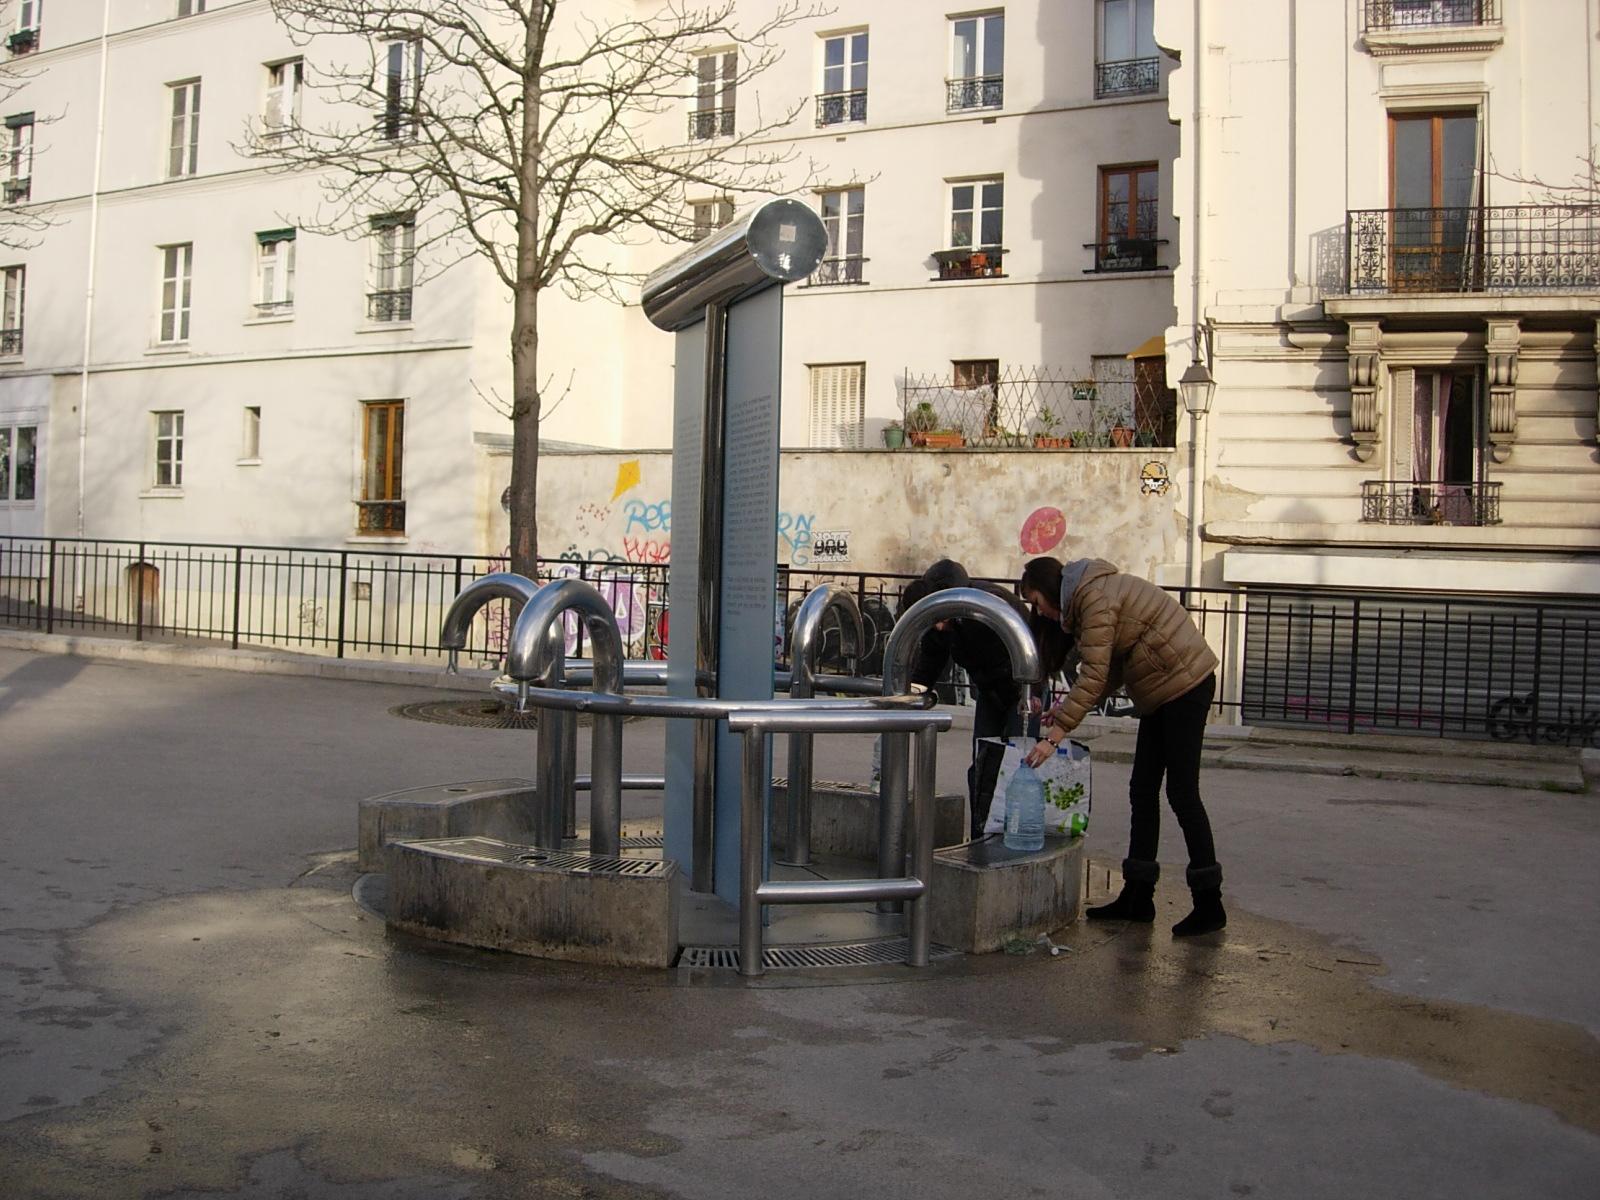 La fontaine de la butte aux cailles mademoiselle bon plan for La fontaine aux cuisines